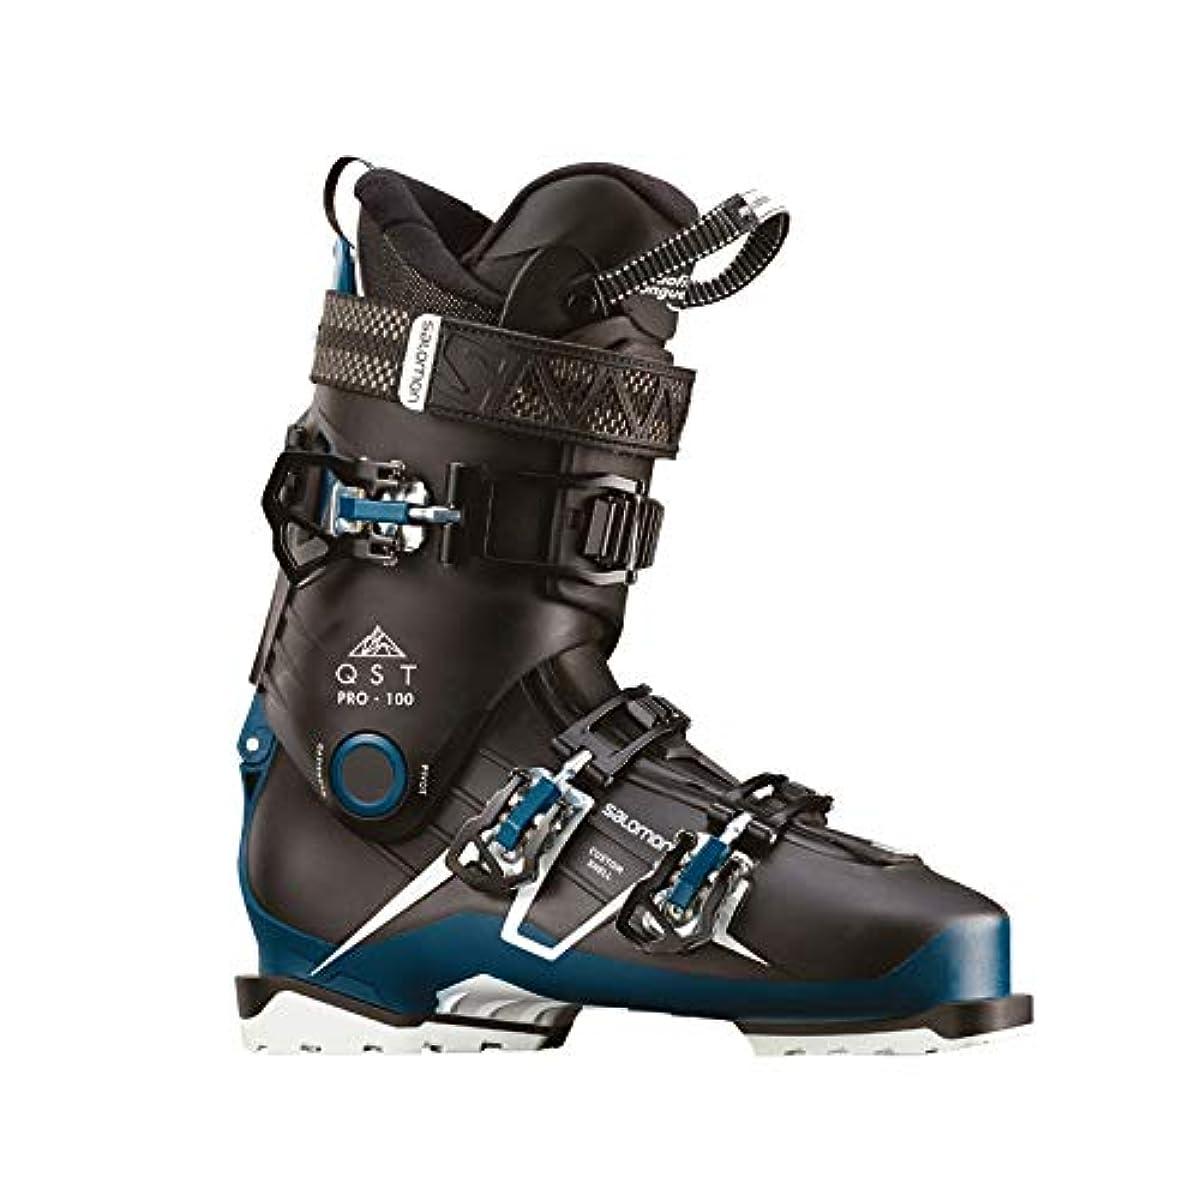 [해외] 살로몬SALOMON 스키화 맨즈 QST PRO 100 25~28.5CM 2018-19년 모델 L40553900